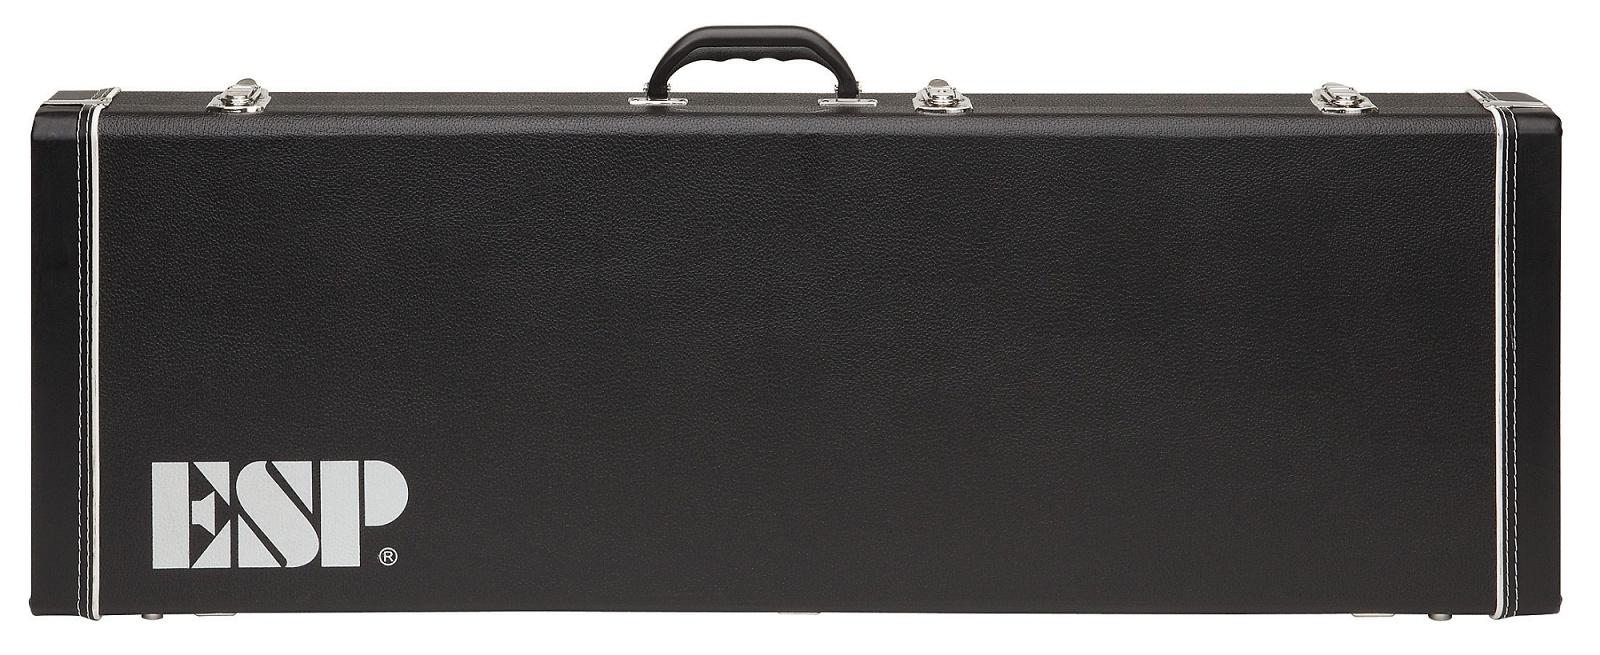 ESP CBBASSFFLH Durable Guitar Hard Case for LTD B Series Bass FF Left Handed